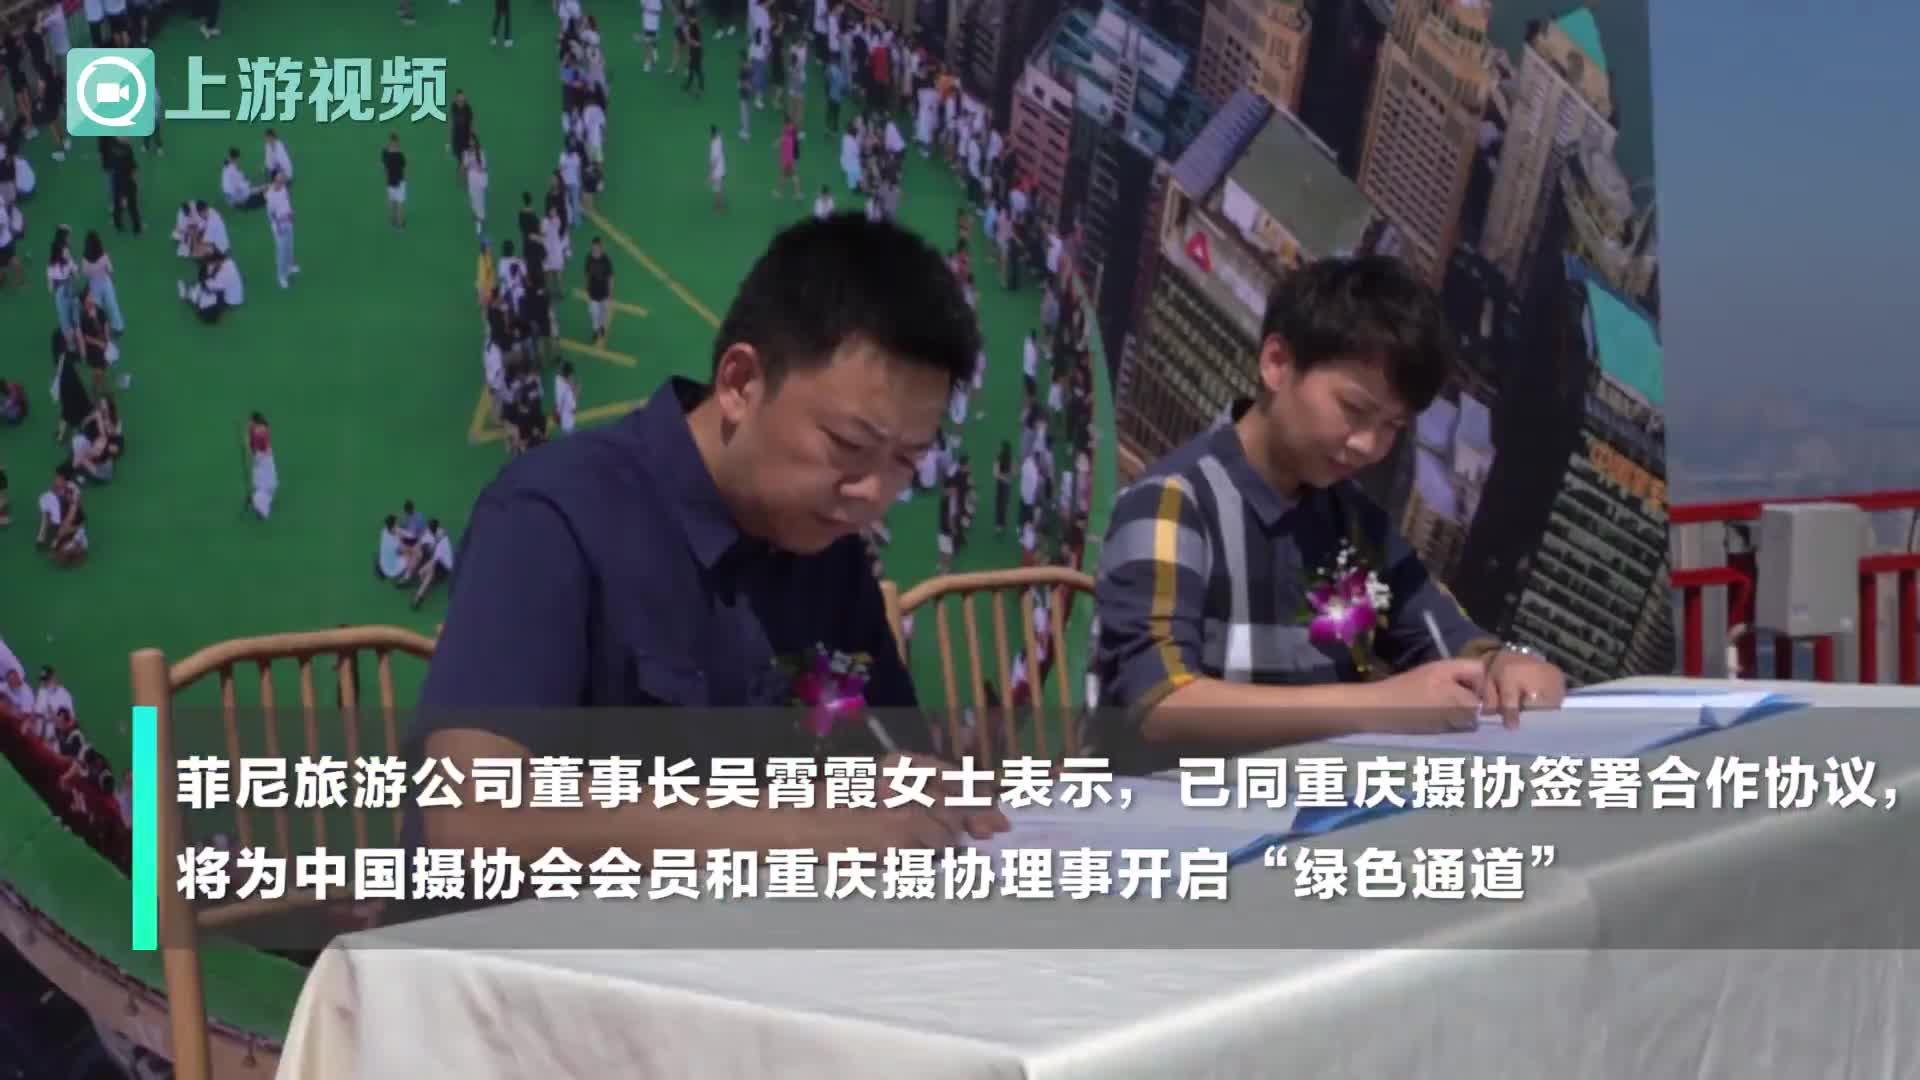 """高度!摄影家汇聚山城""""摄影之巅"""" 重庆摄协再添摄影创作基地"""